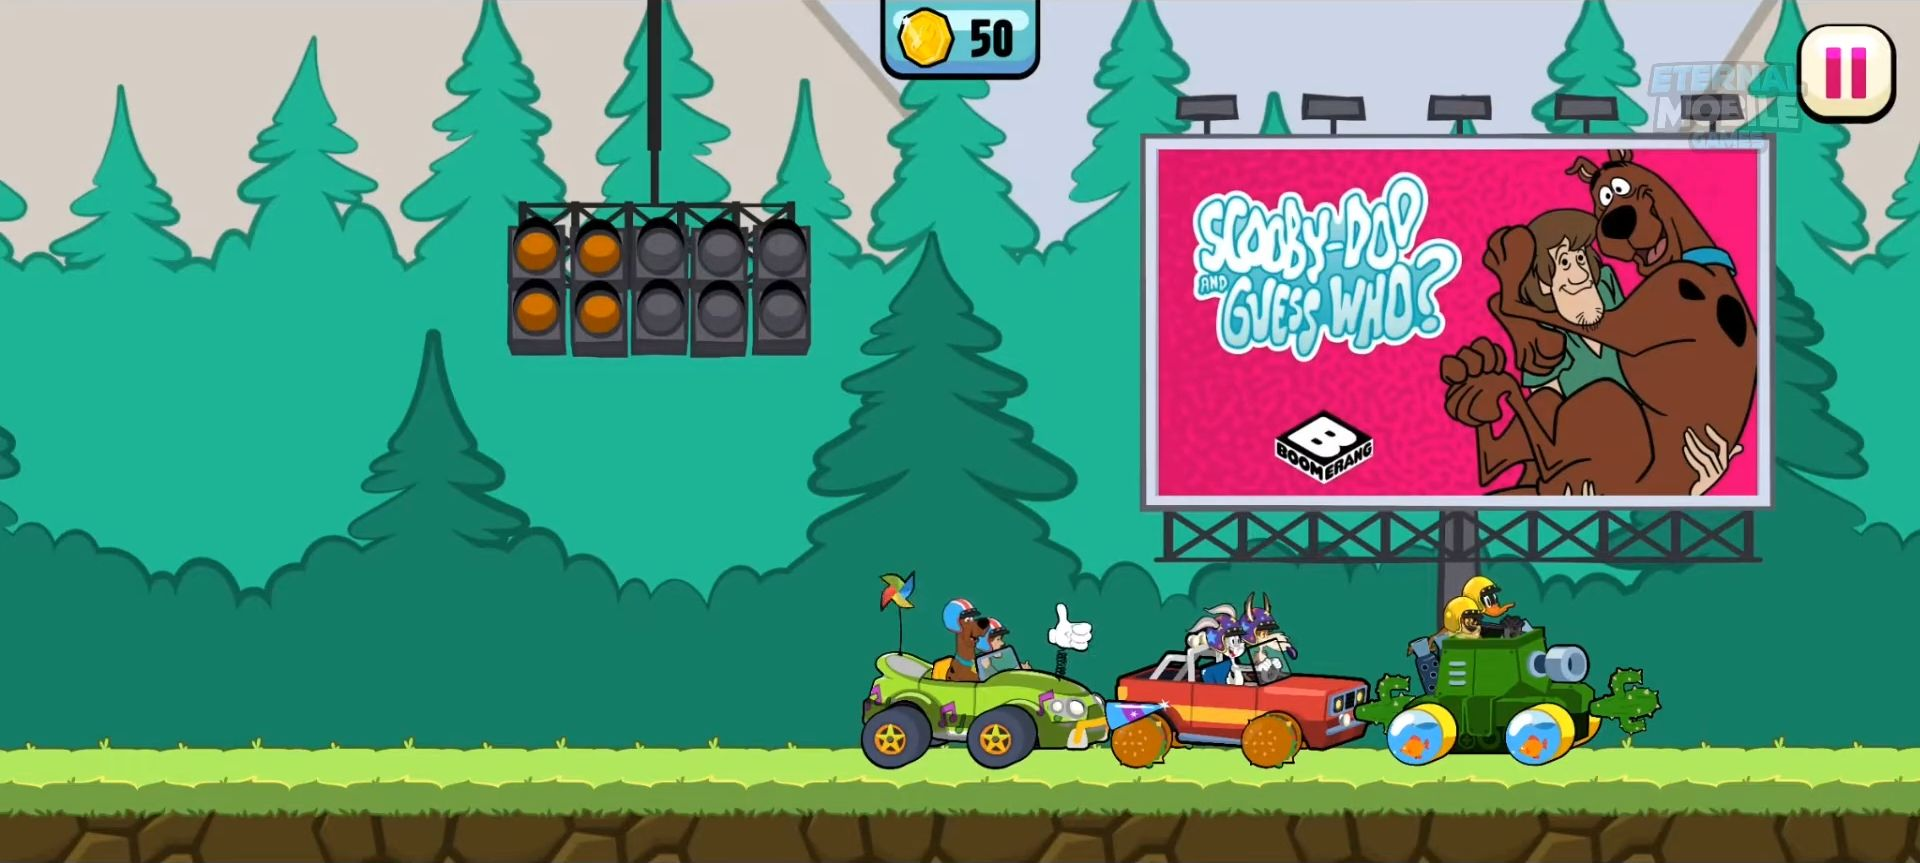 Boomerang Make and Race 2 - Cartoon Racing Game captura de tela 1